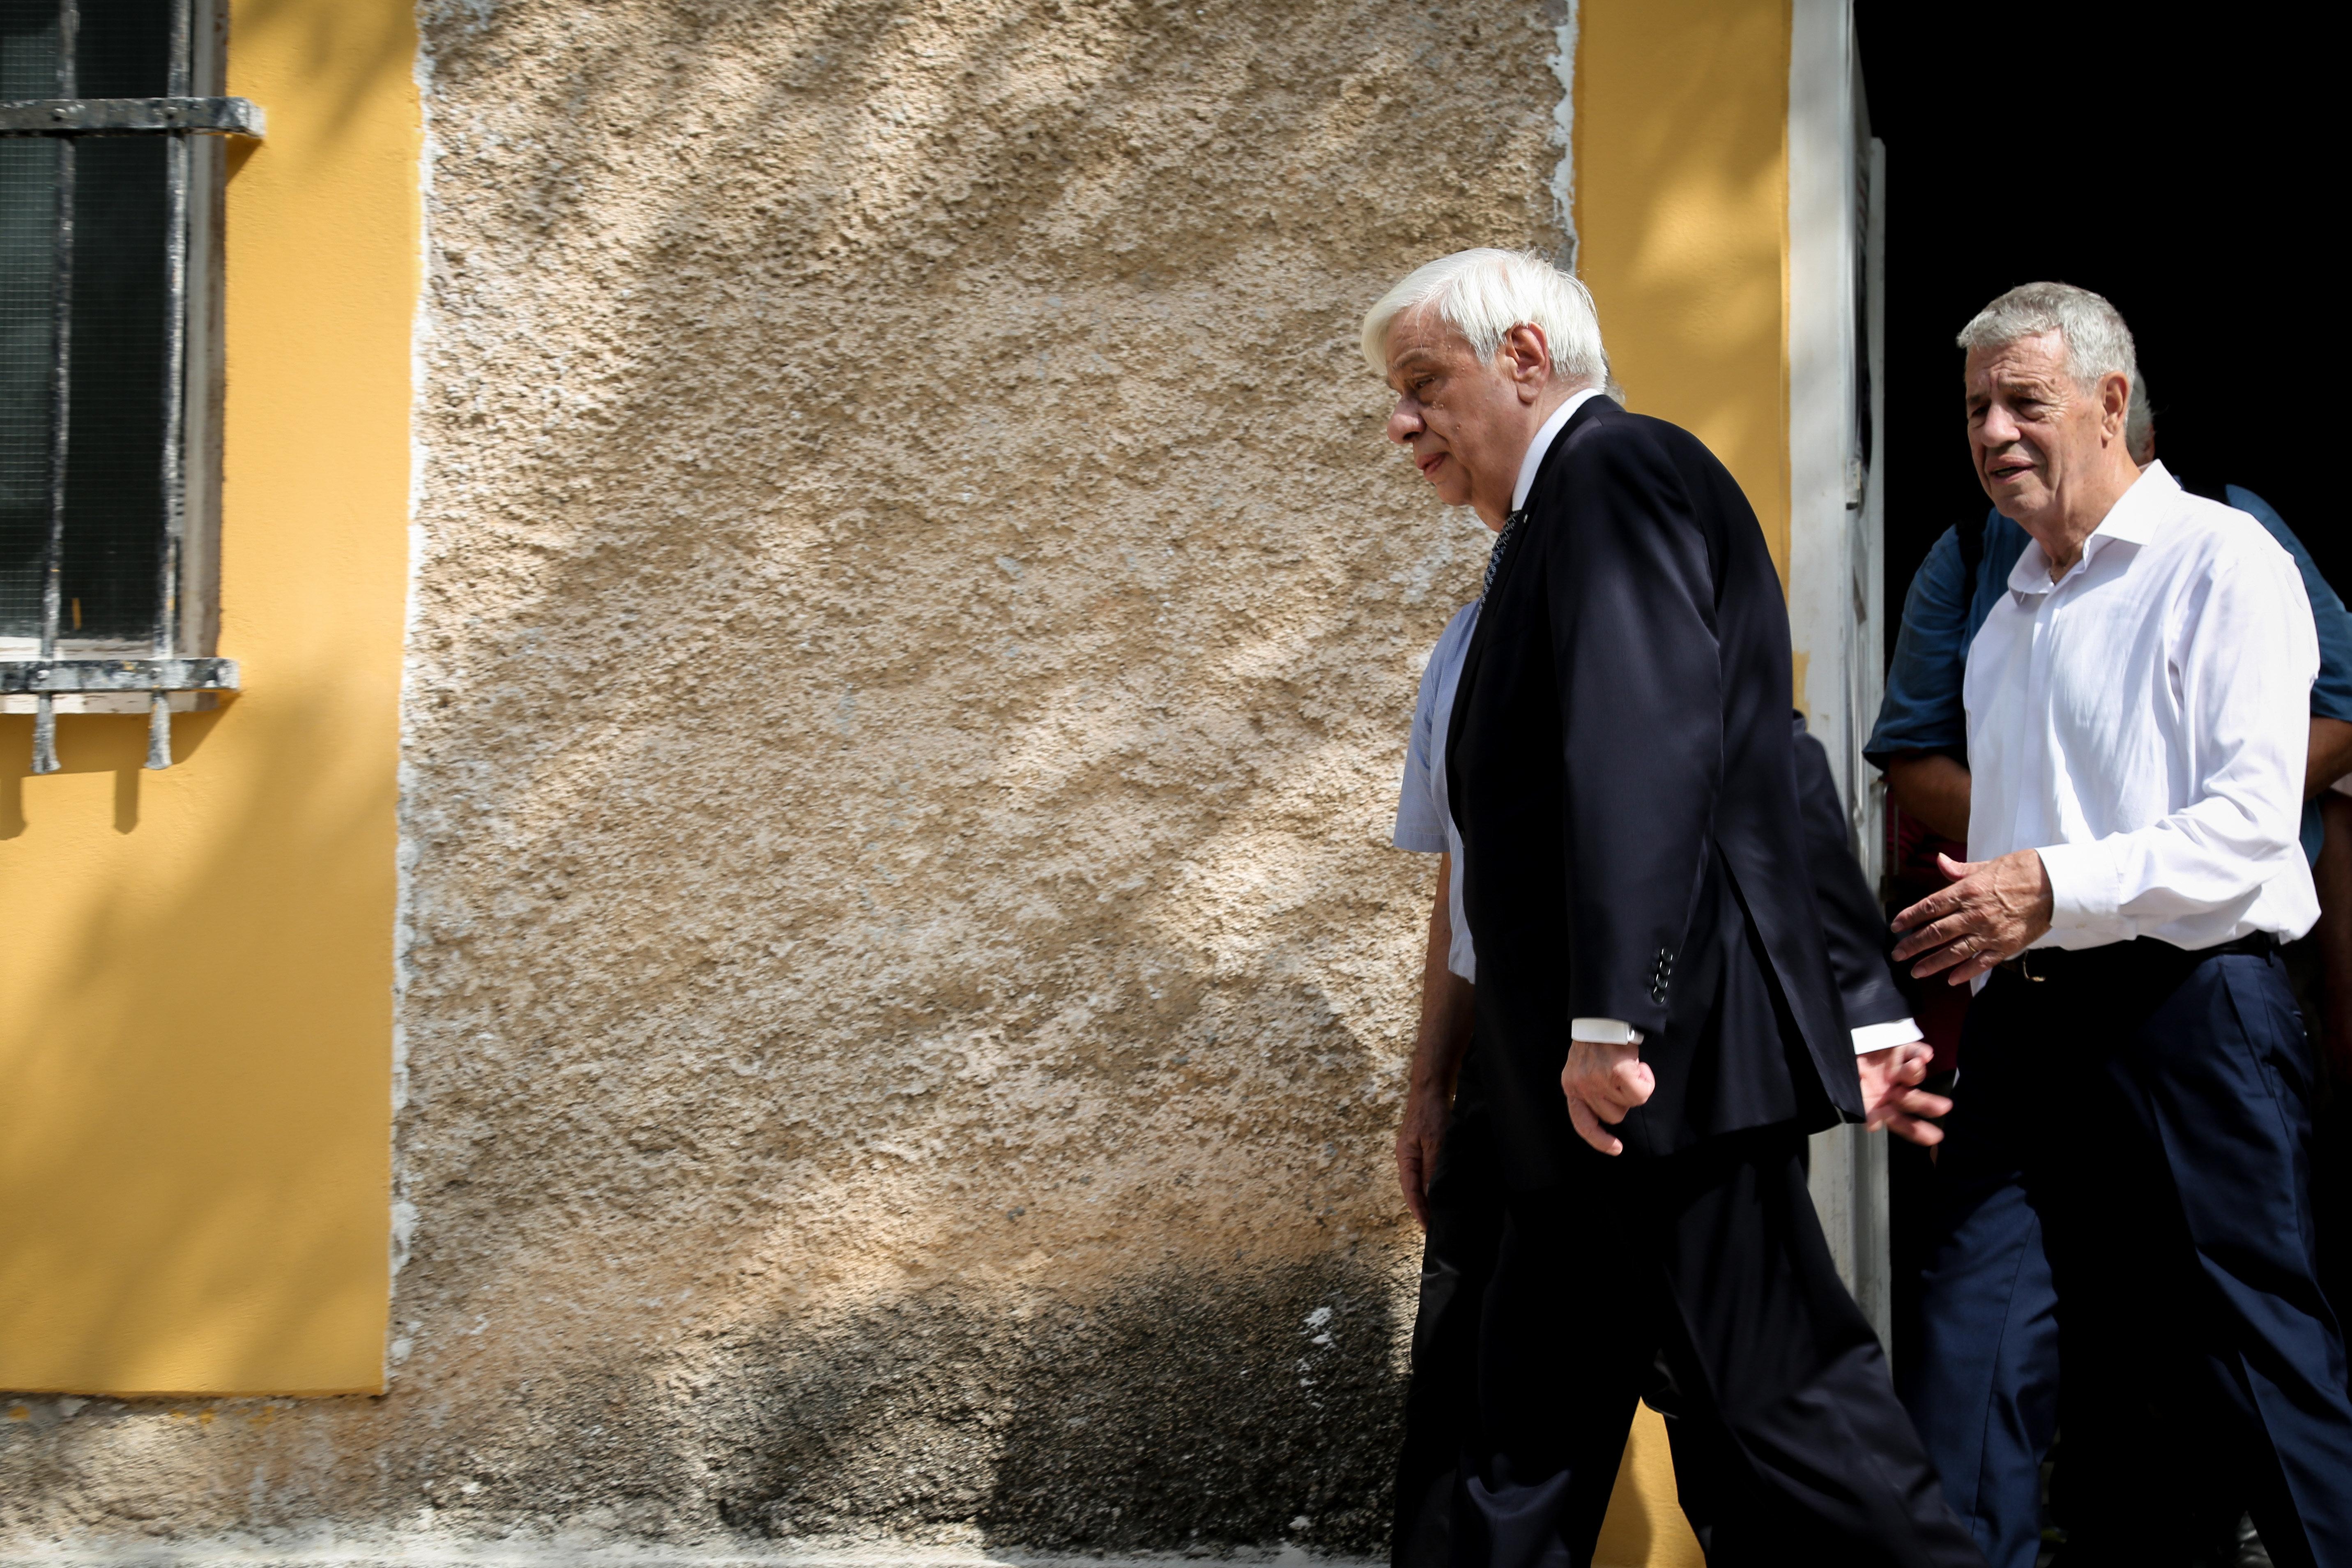 Παυλόπουλος: Νομικά ενεργές και δικαστικά επιδιώξιμες οι απαιτήσεις της Ελλάδας έναντι της